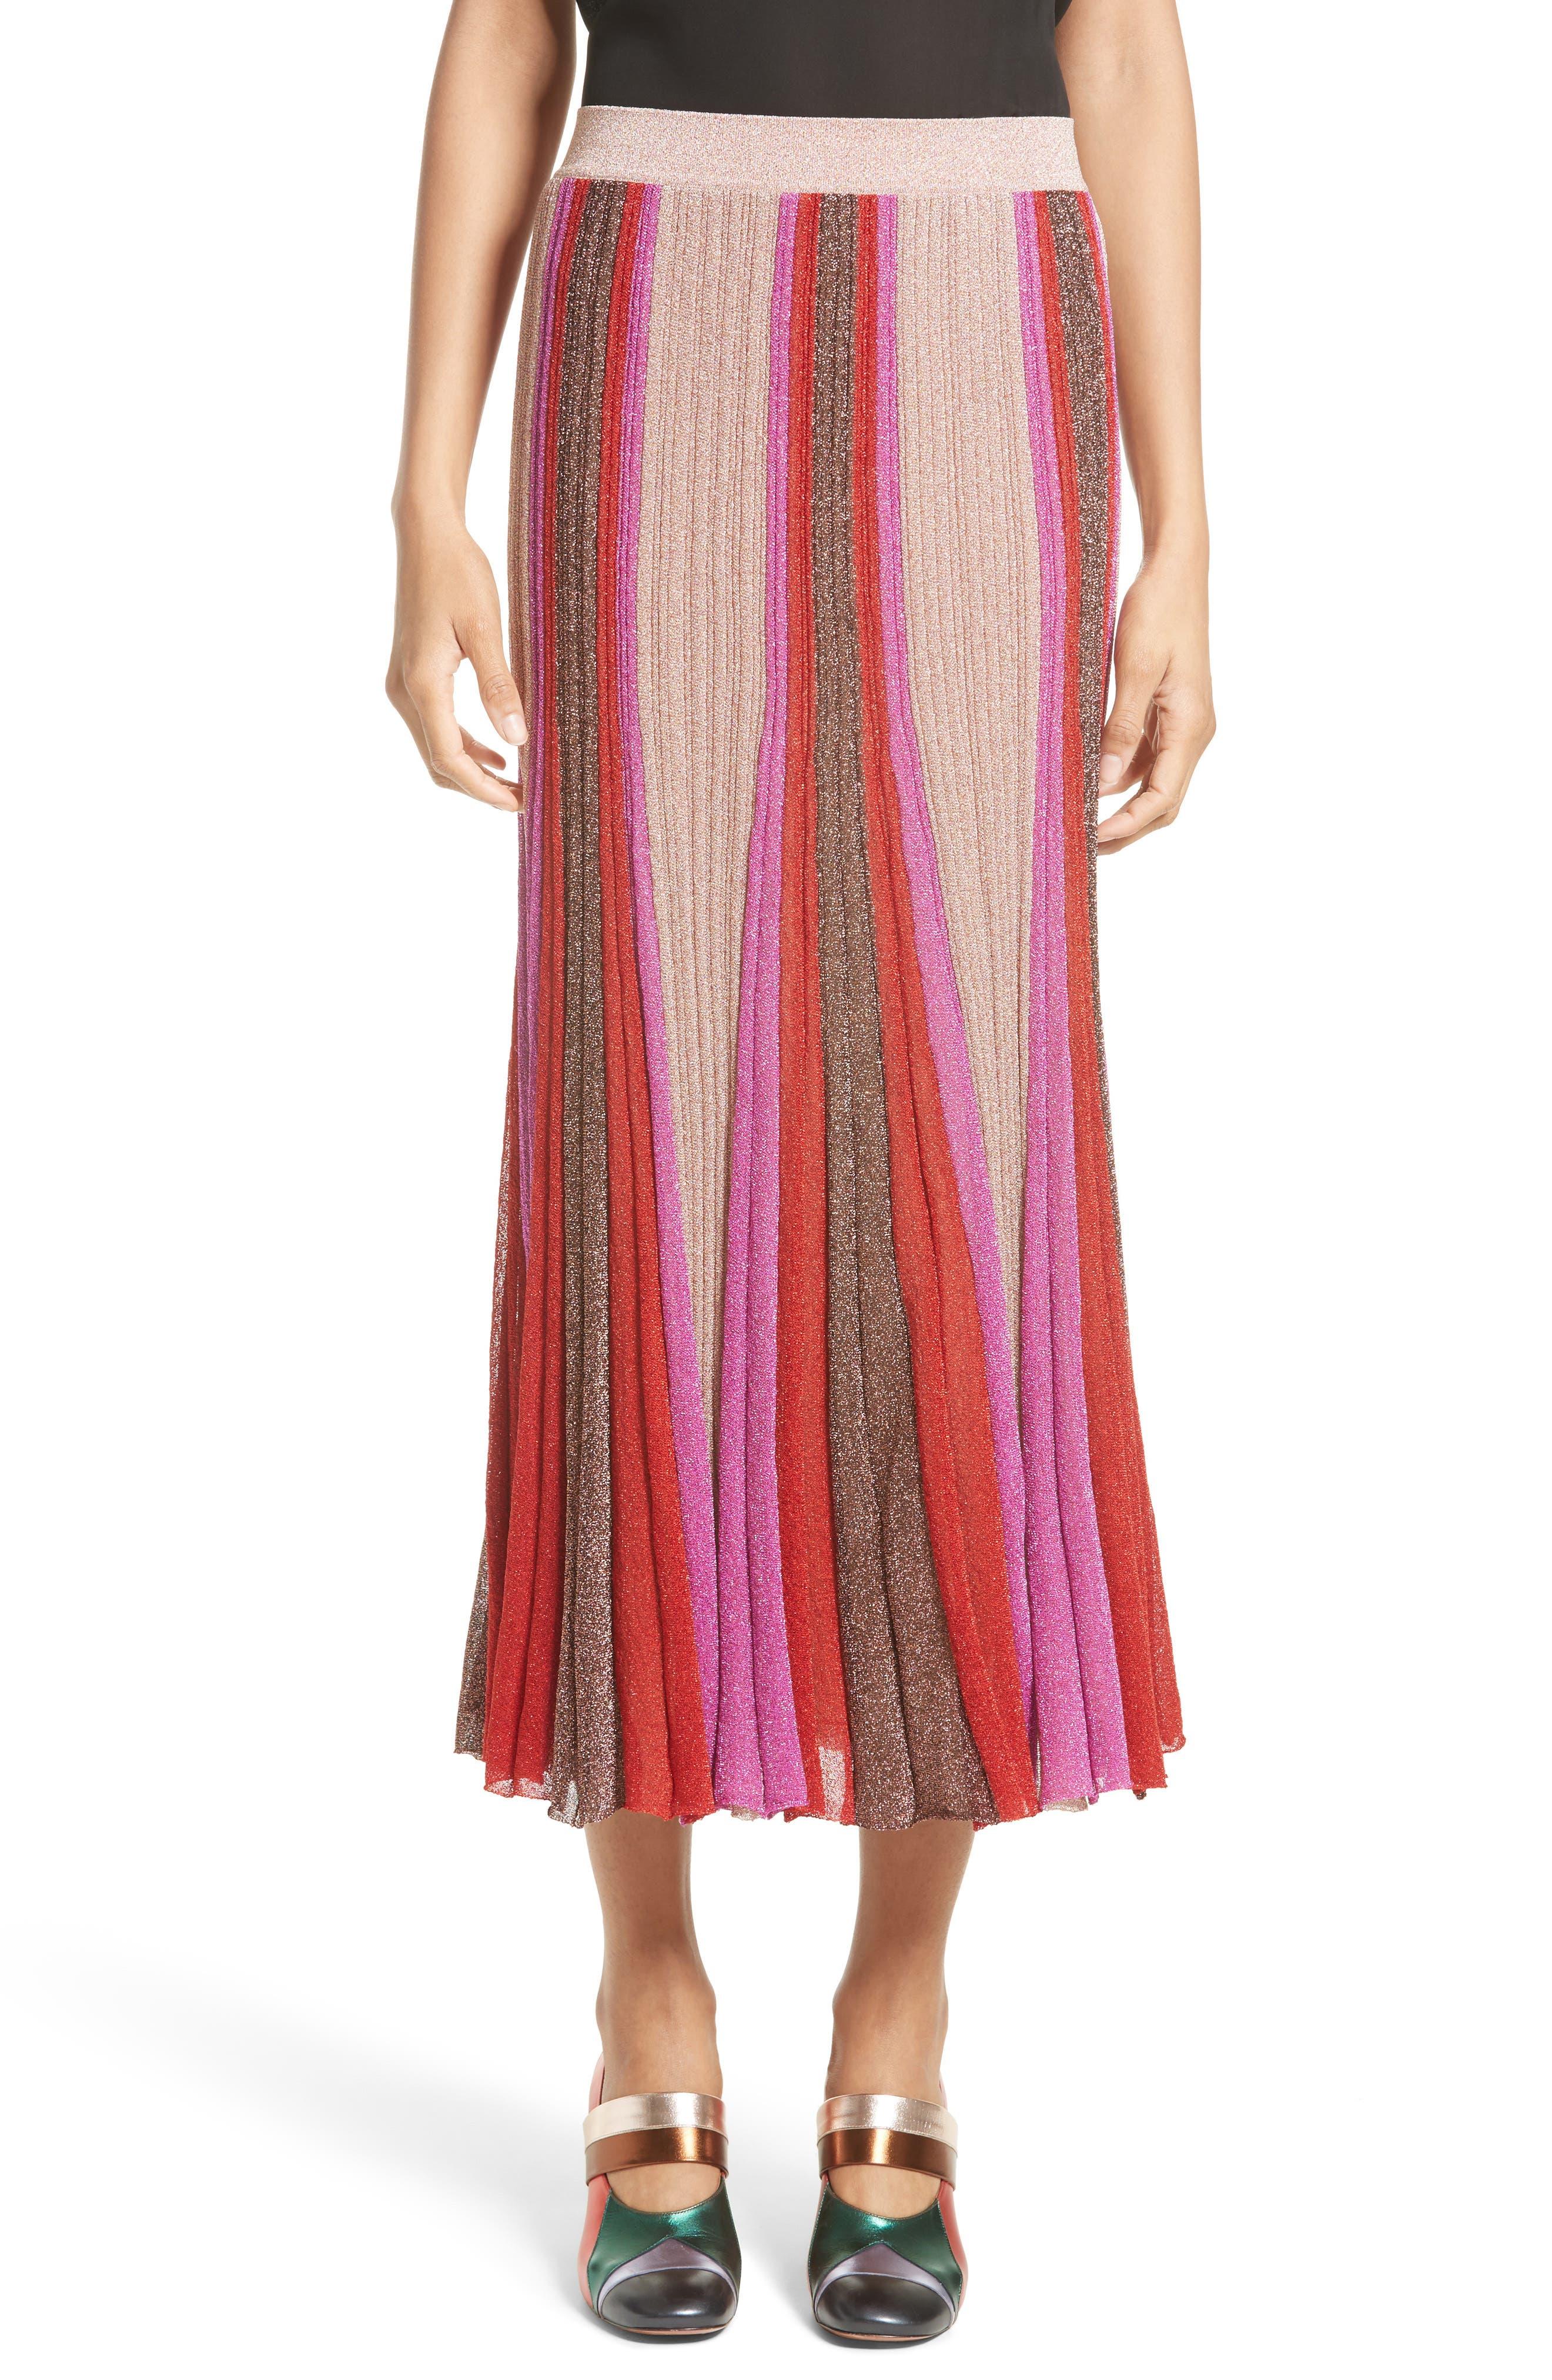 MISSONI Metallic Knit Colorblock Pleated Skirt